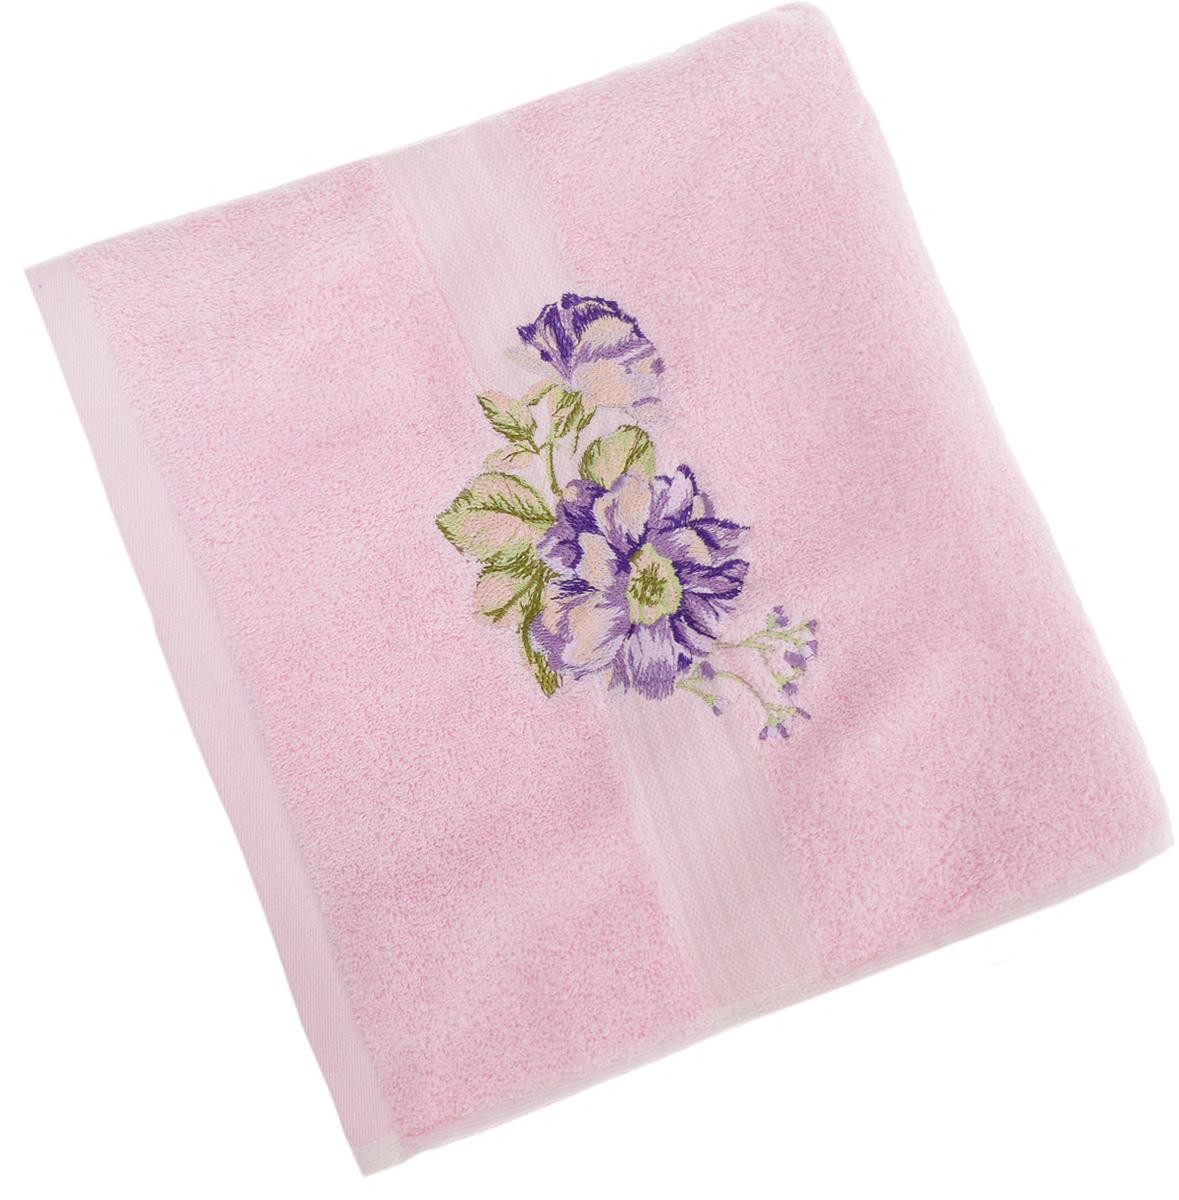 Полотенце Soavita Пион, цвет: розовый, 70 х 140 см19201Полотенце Soavita Пион выполнено из 100% хлопка. Изделие отлично впитывает влагу, быстро сохнет, сохраняет яркость цвета и не теряет форму даже после многократных стирок. Полотенце очень практично и неприхотливо в уходе. Оно создаст прекрасное настроение и украсит интерьер в ванной комнате.